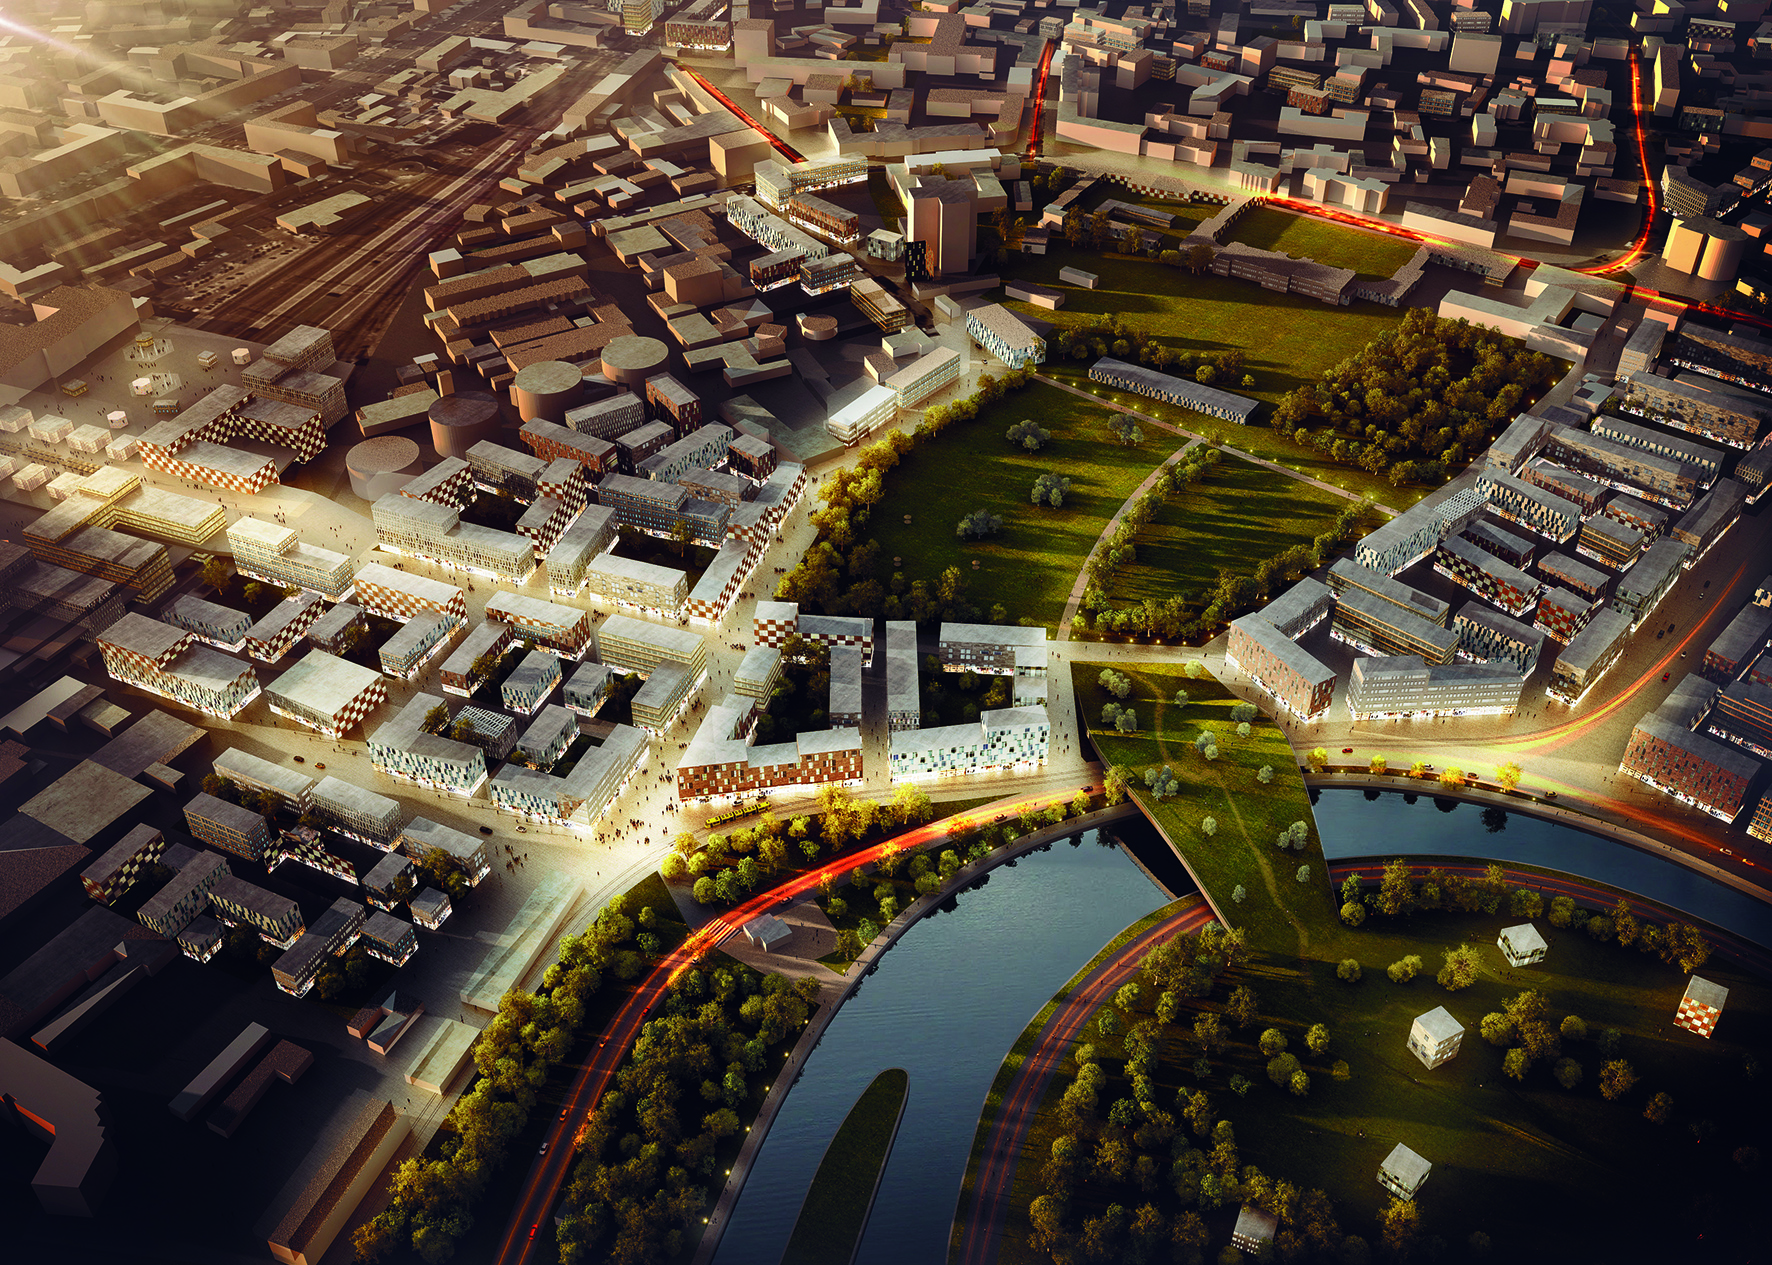 Будет город-сад: новая жизнь промышленных районов